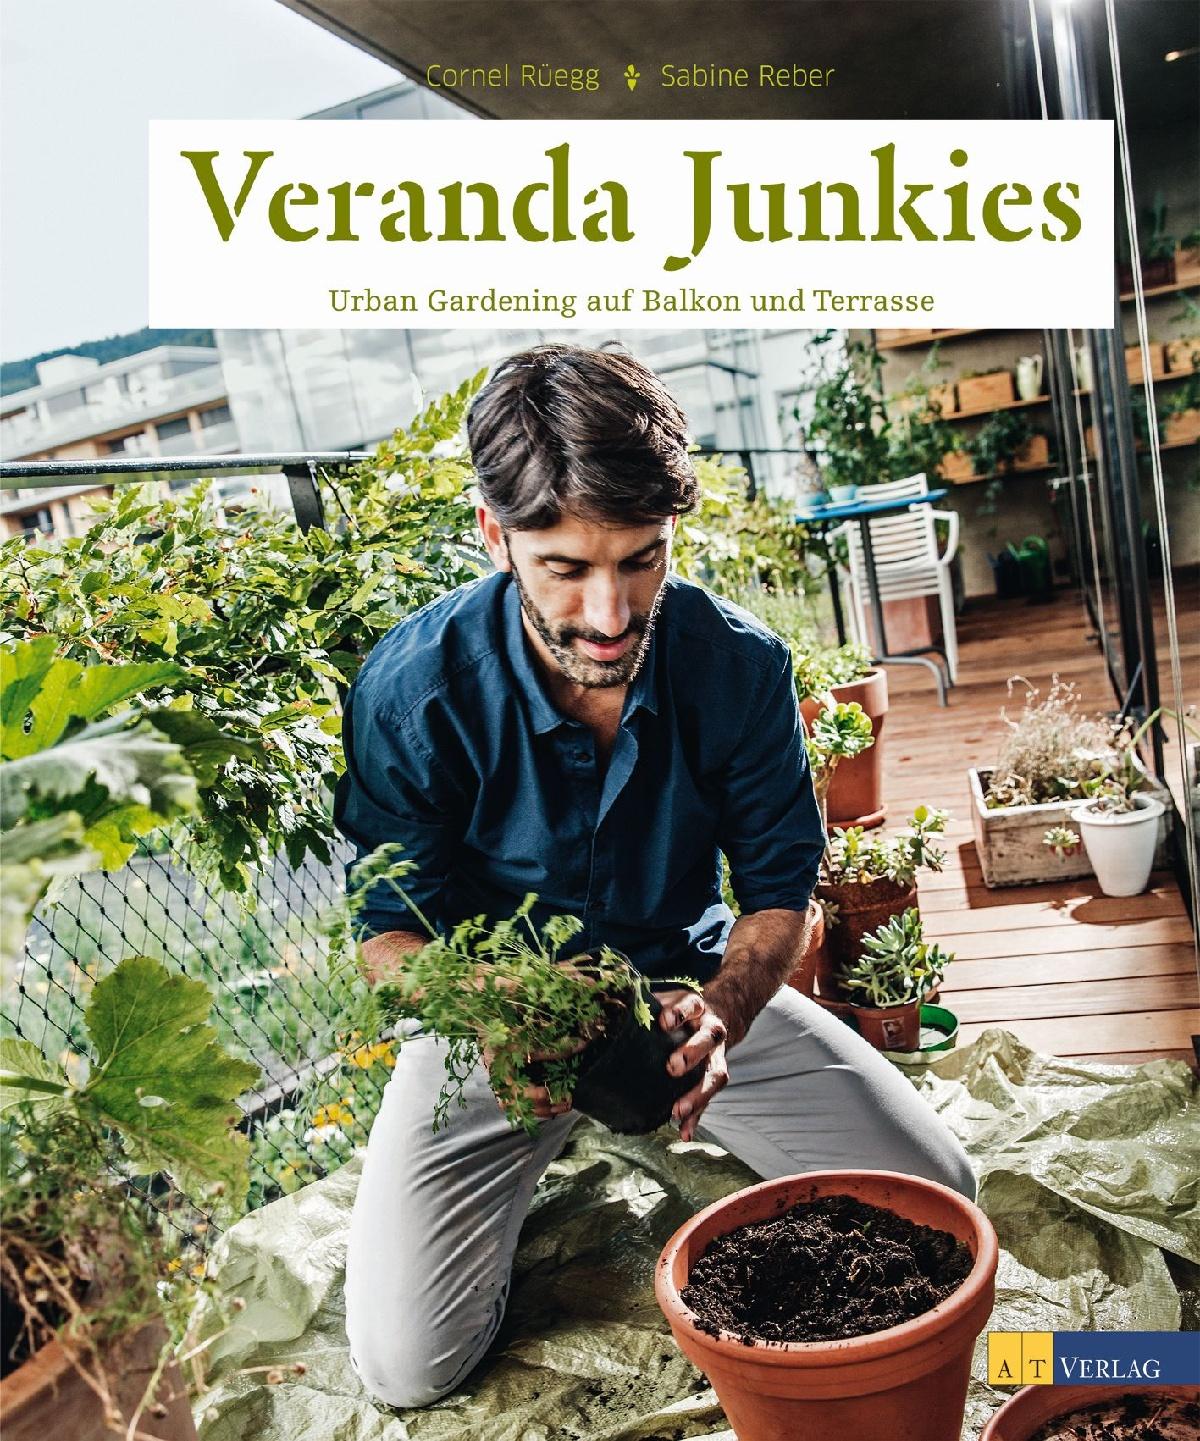 Sehr Buch: Veranda Junkies von Cornel Rüegg, Sabine Reber • AT Verlag CP65